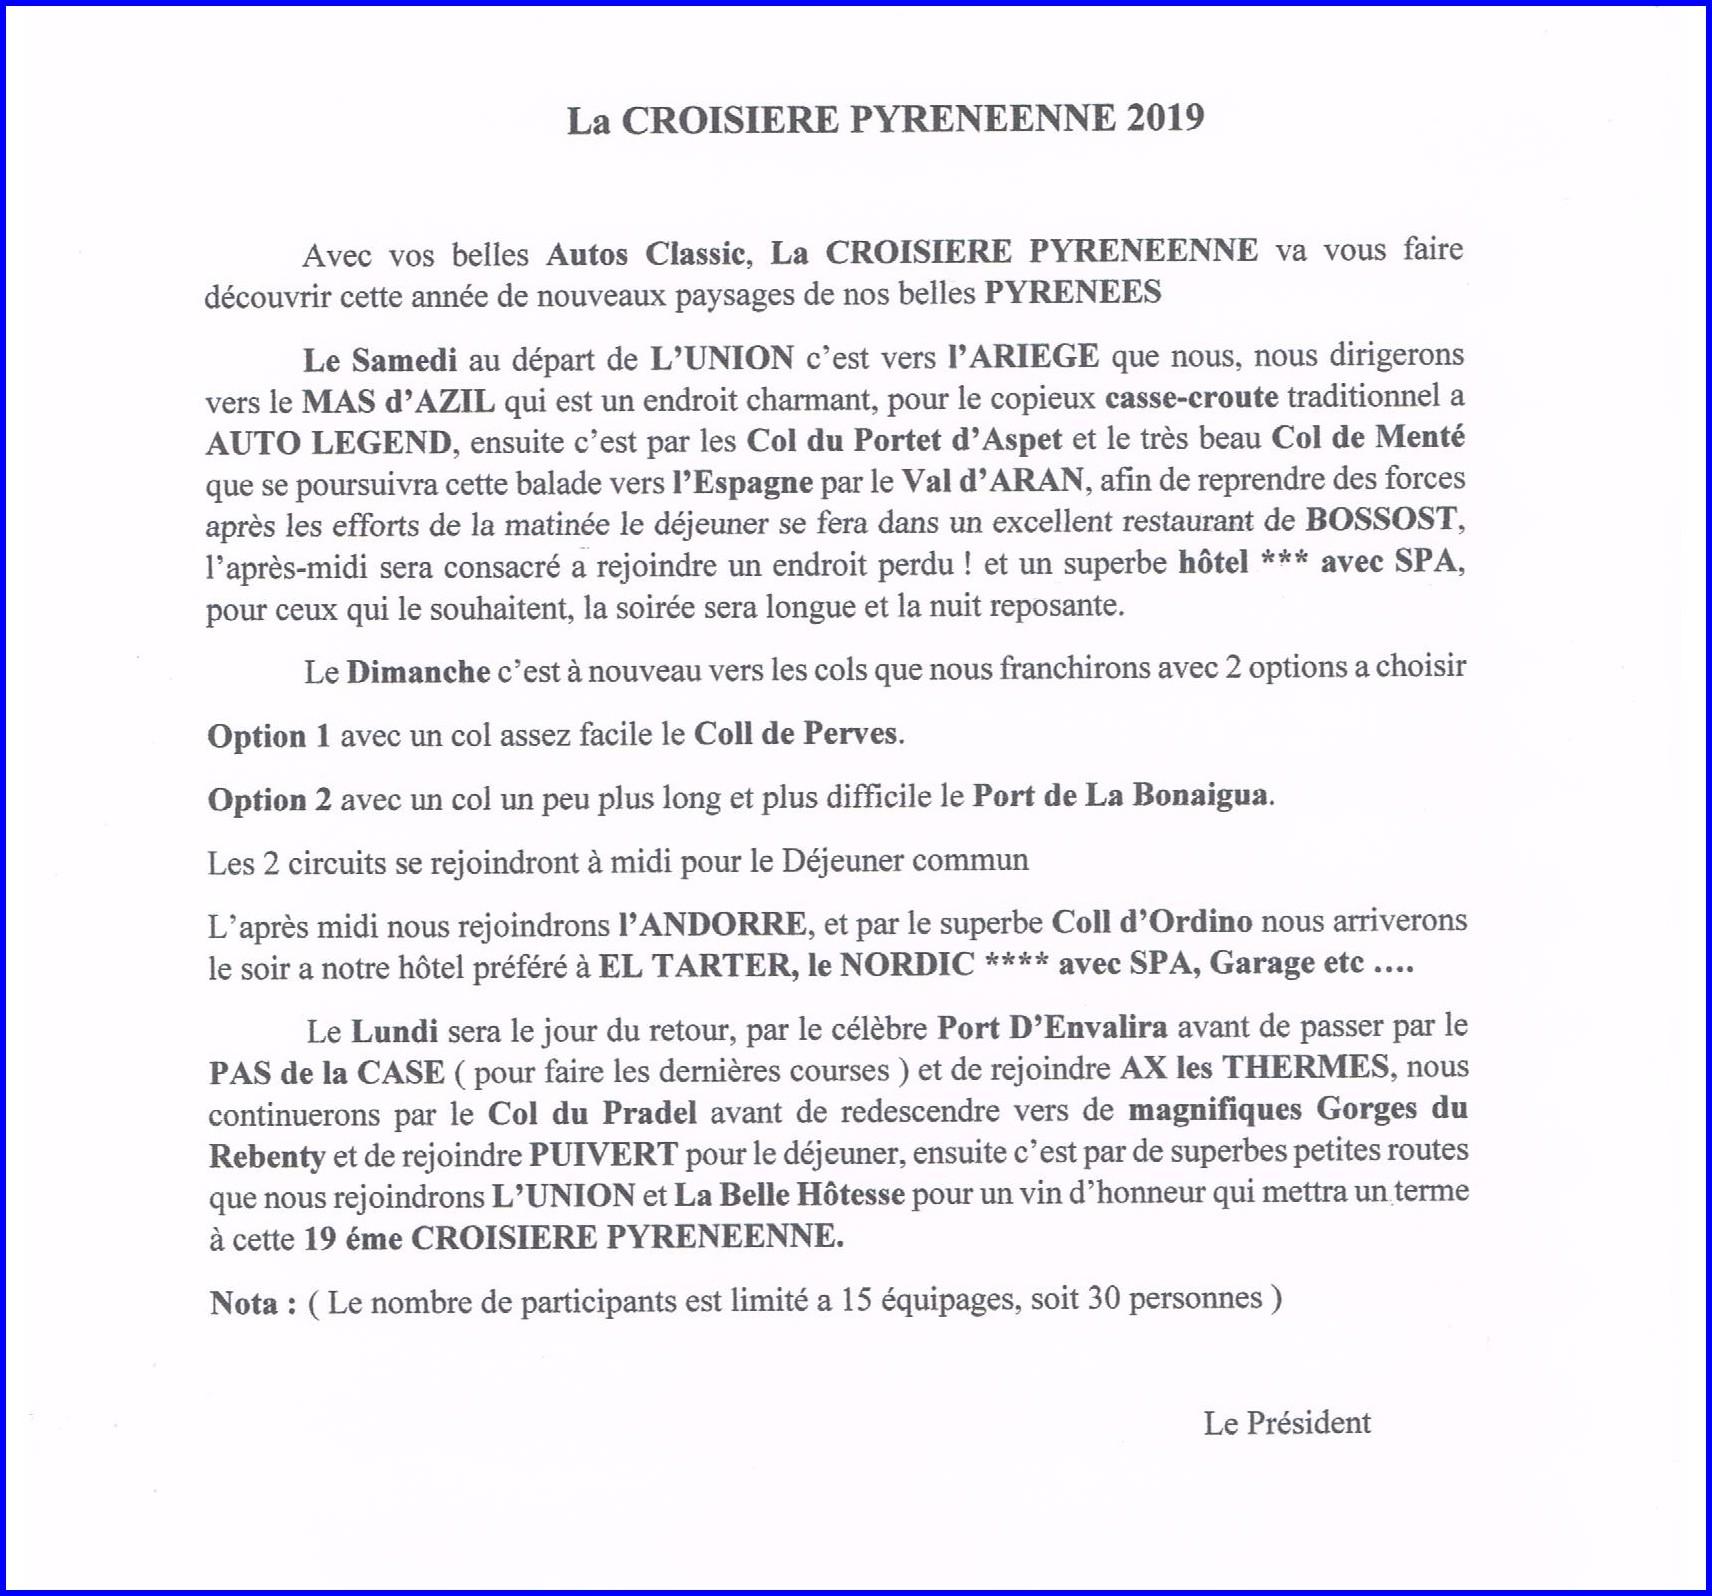 Croisiere presentation 2019